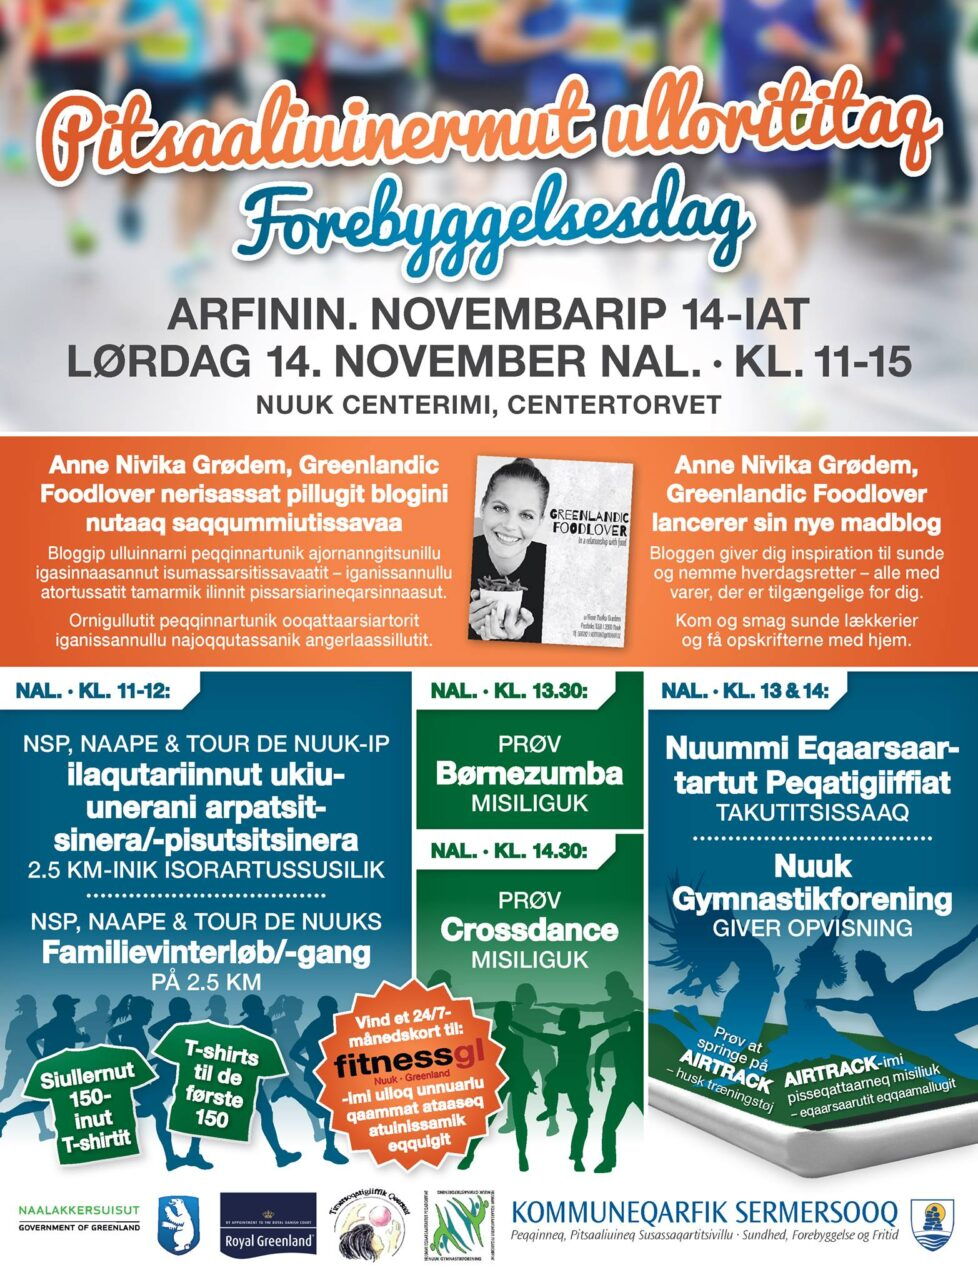 Sermersooq forebyggelsesdag plakat og annonce